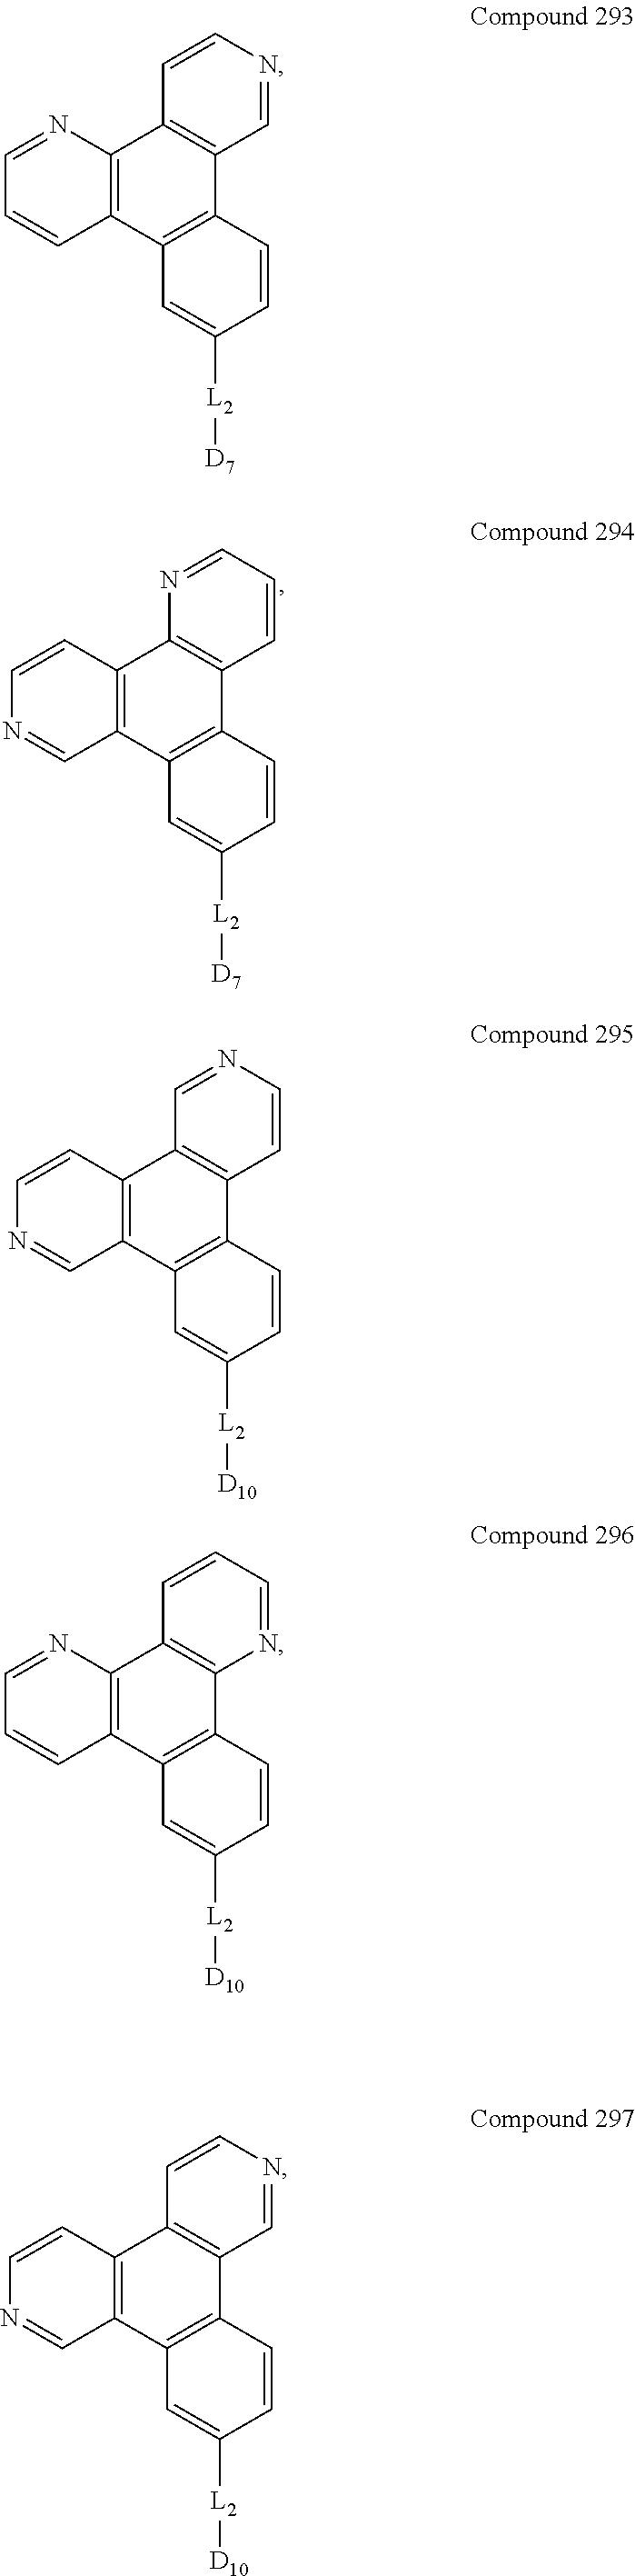 Figure US09537106-20170103-C00539